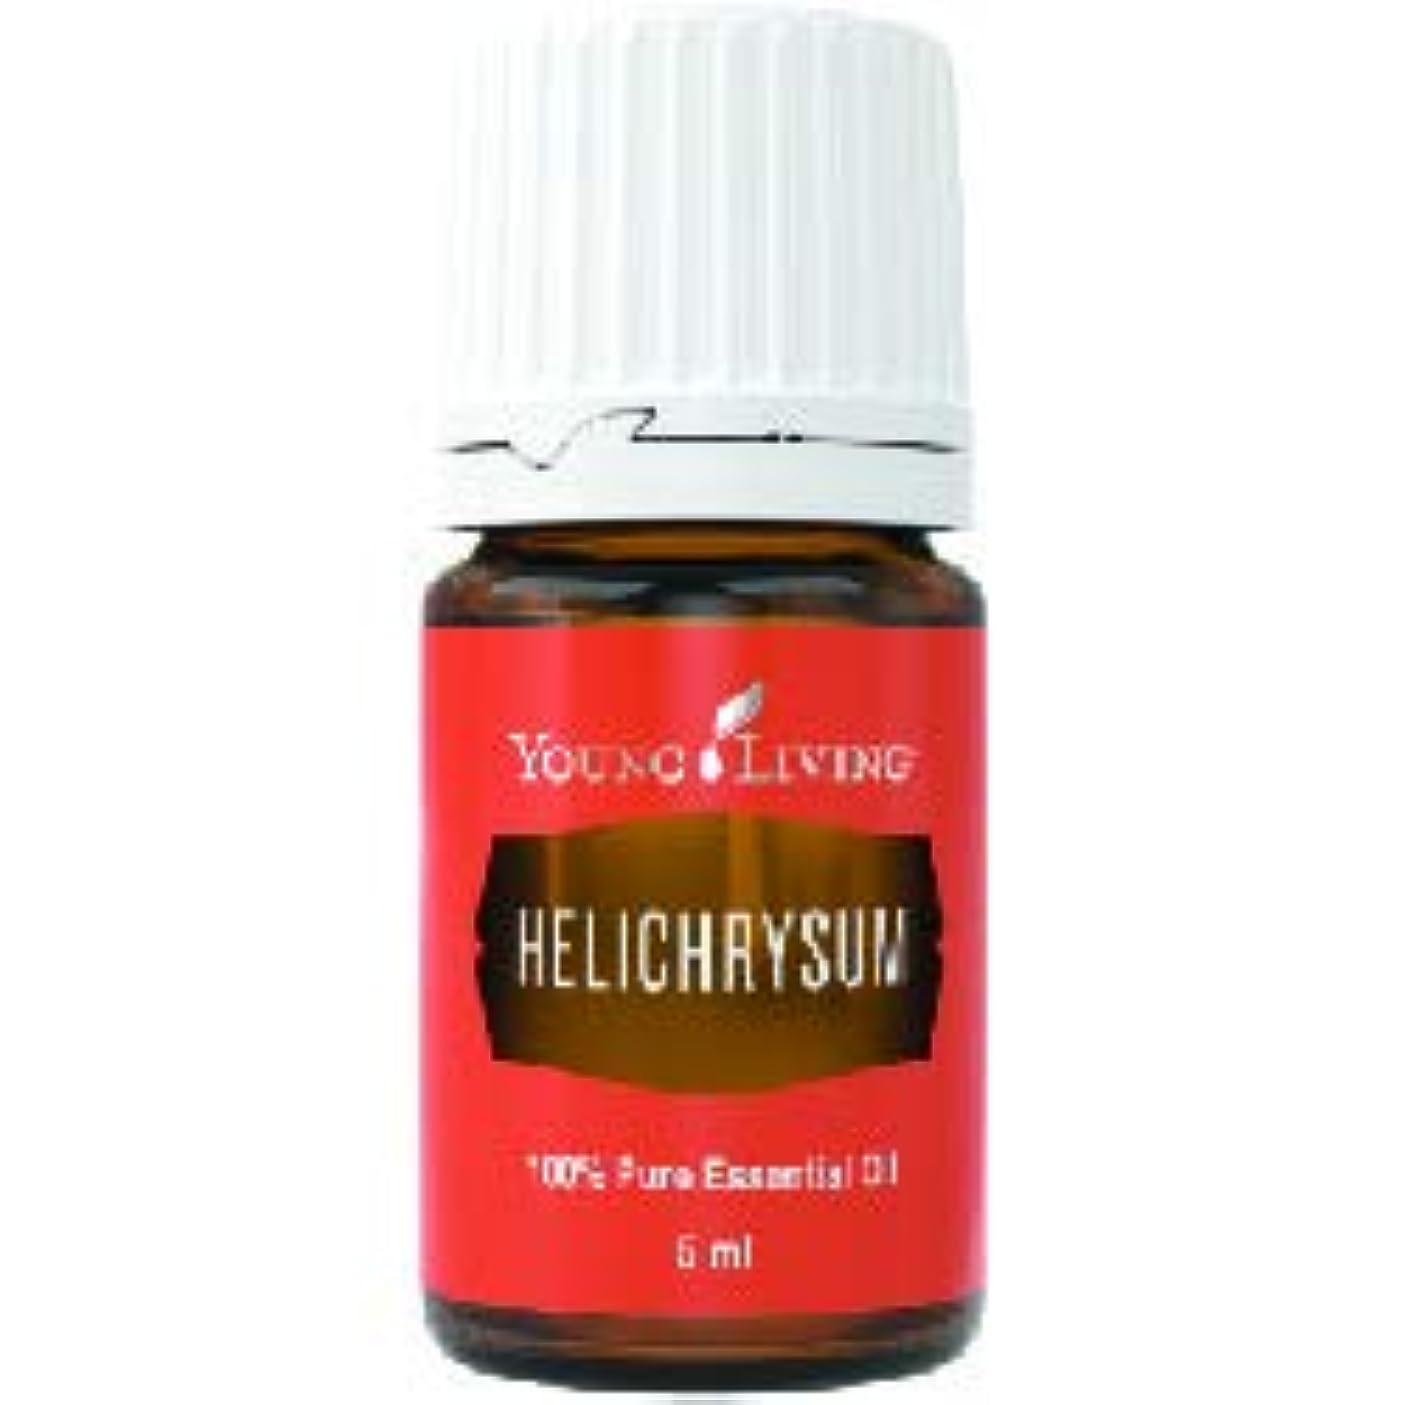 ヘリクリサムエッセンシャルオイル ヤングリビングエッセンシャルオイルマレーシア5ml Helichrysum Essential Oil 5ml by Young Living Essential Oil Malaysia